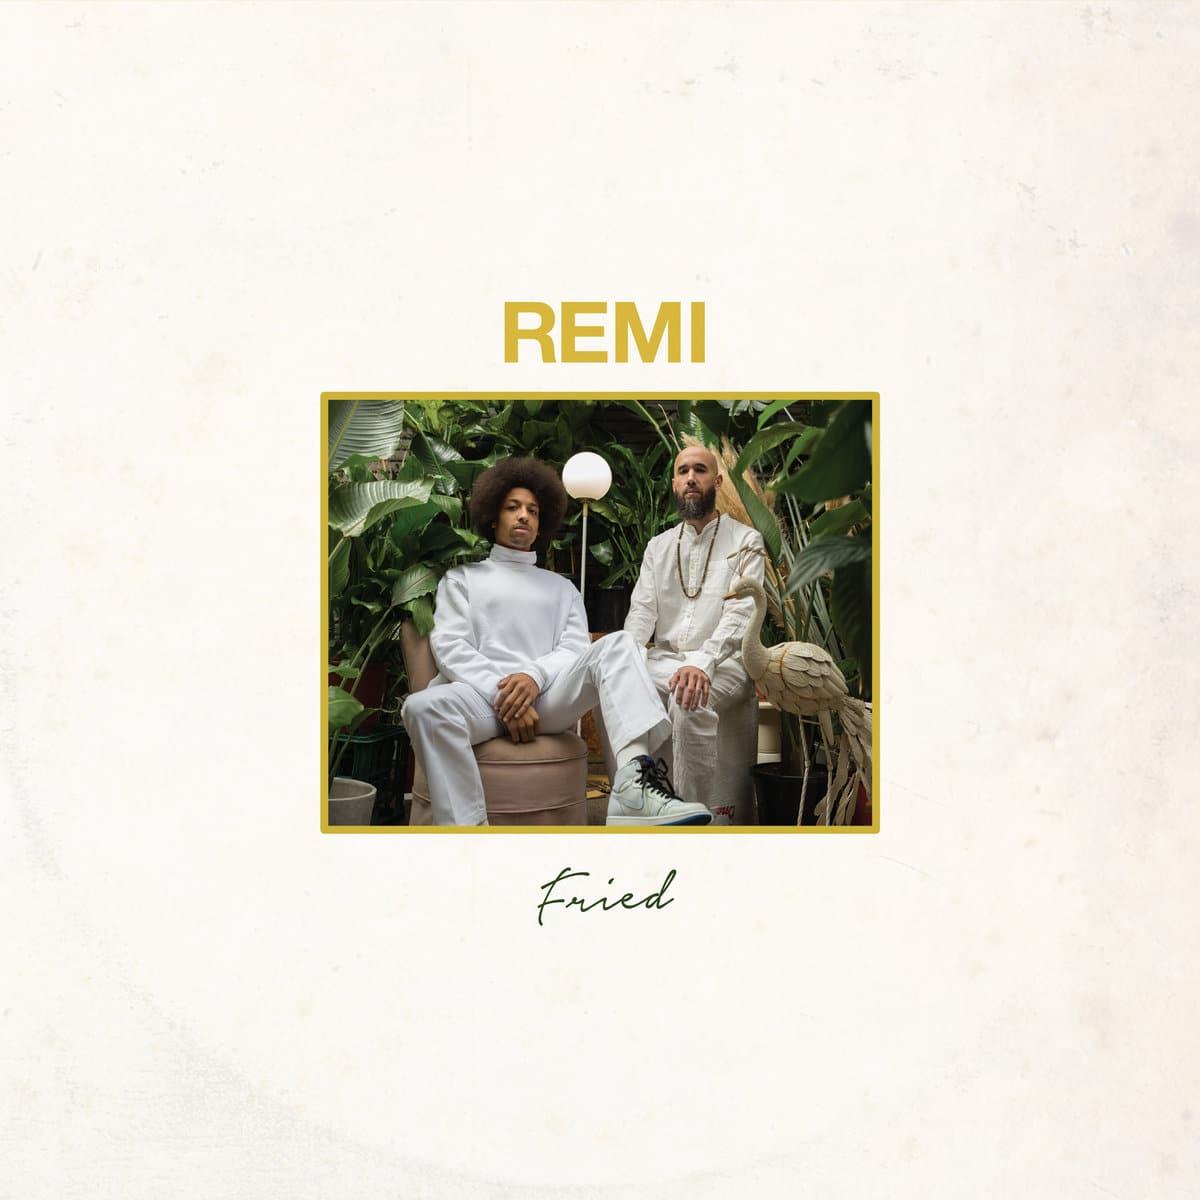 Remi Fried